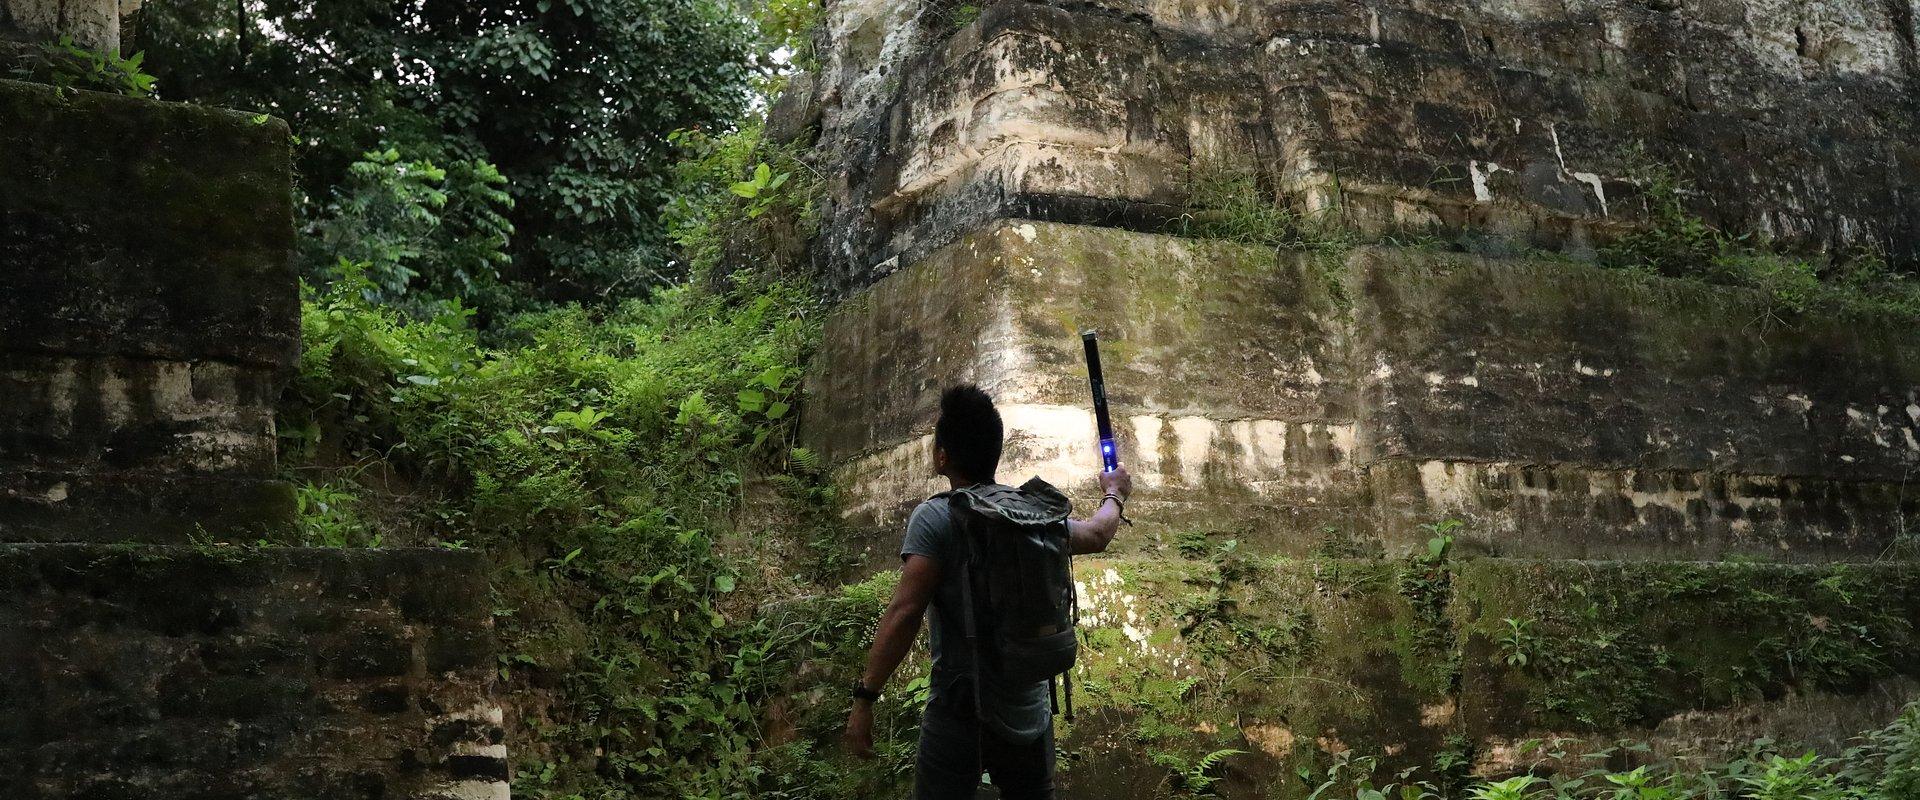 """Twórcy serii """"Tajemniczy świat Majów"""" wracają do gwatemalskiej dżungli, aby pokazać nowo odkryte obiekty archeologiczne"""